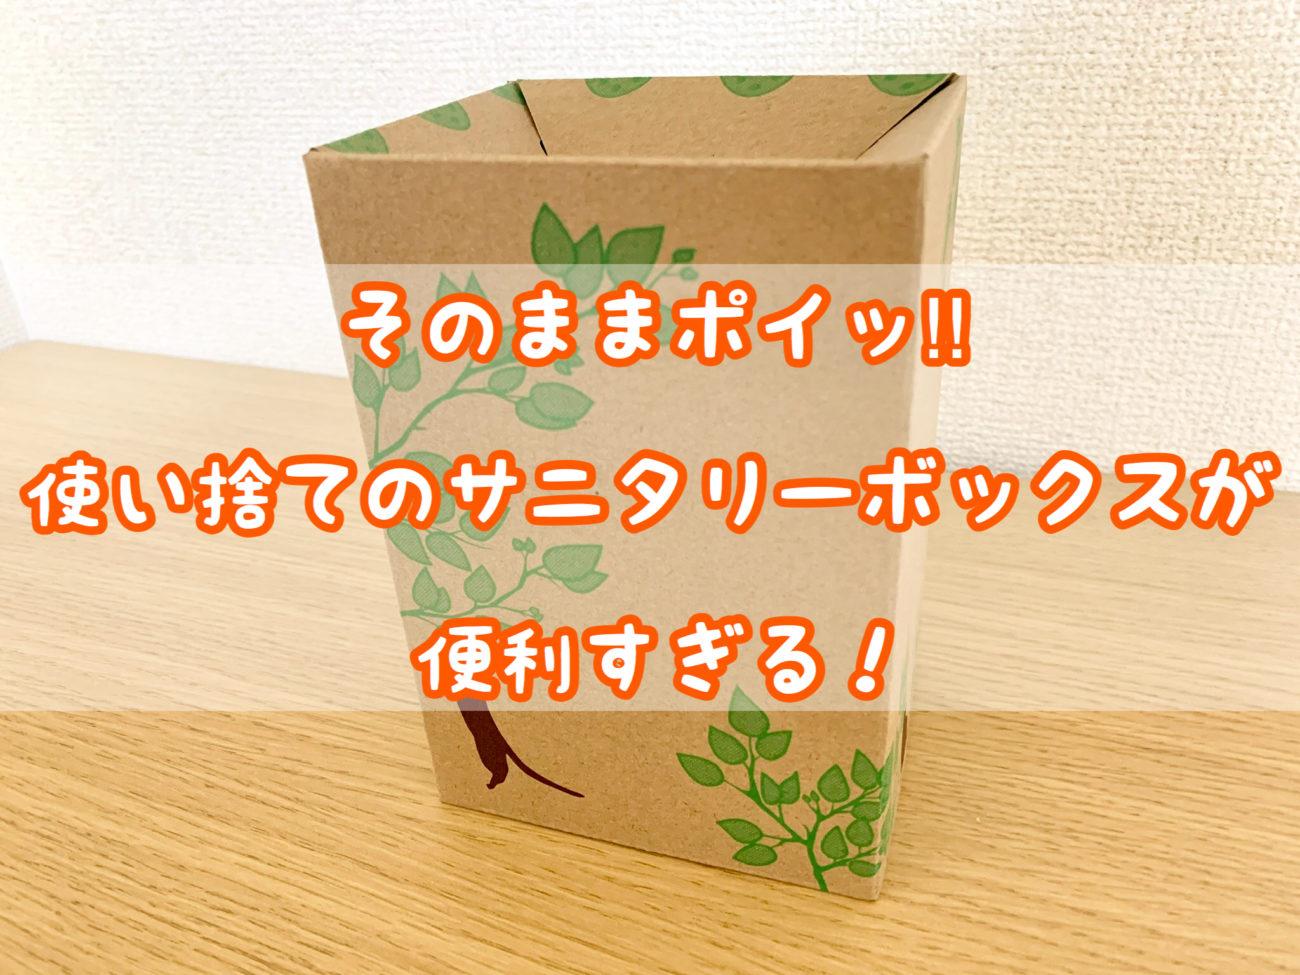 【そのままポイッ!】使い捨てのサニタリーボックスが便利すぎる!